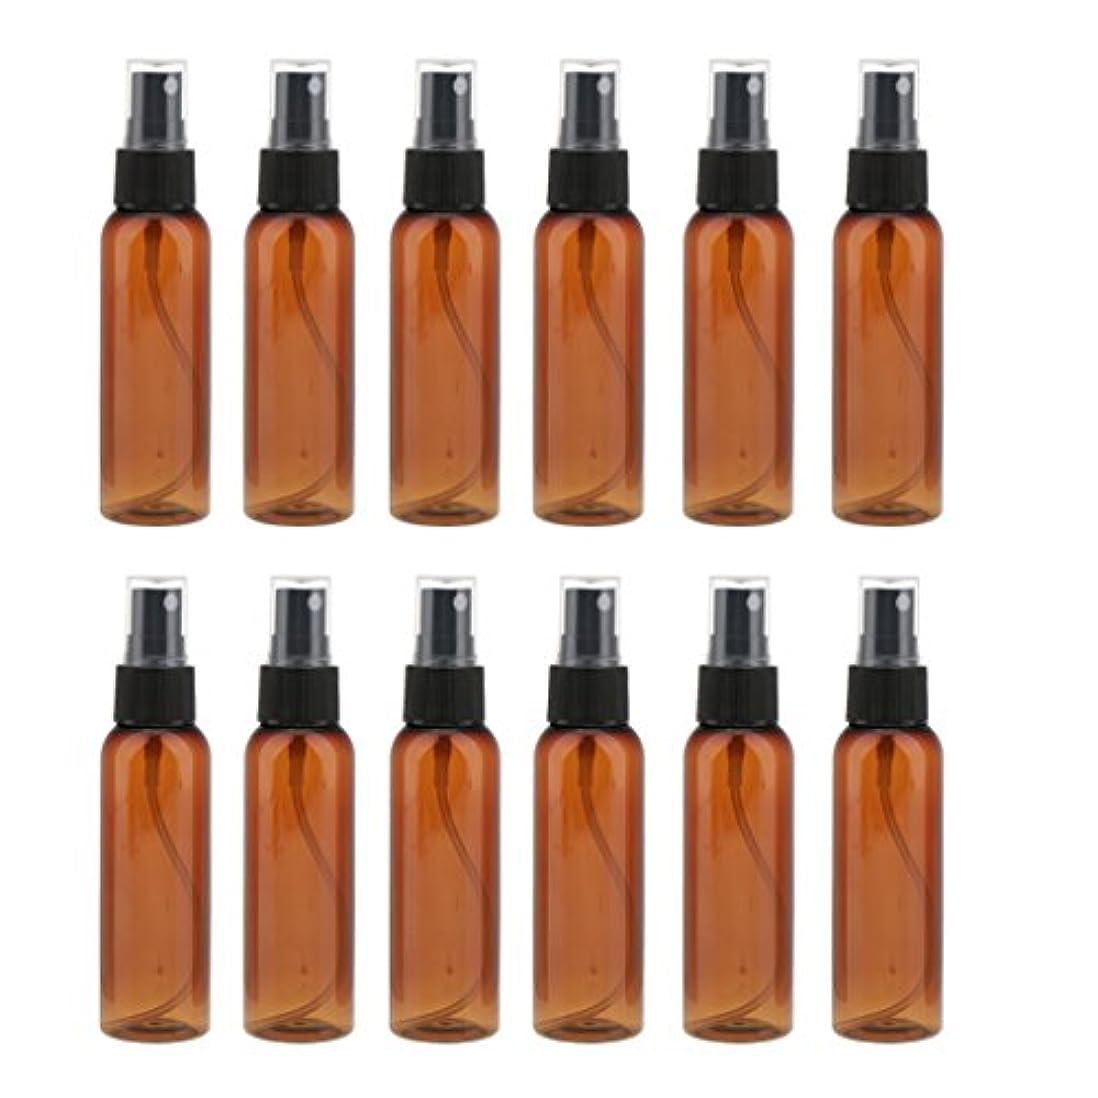 彼自身楽観的確立します詰め替え 化粧品容器 コンセプト 空のスプレーボトル 旅行 漏れ防止 60ml 12本 全3色 - ブラック